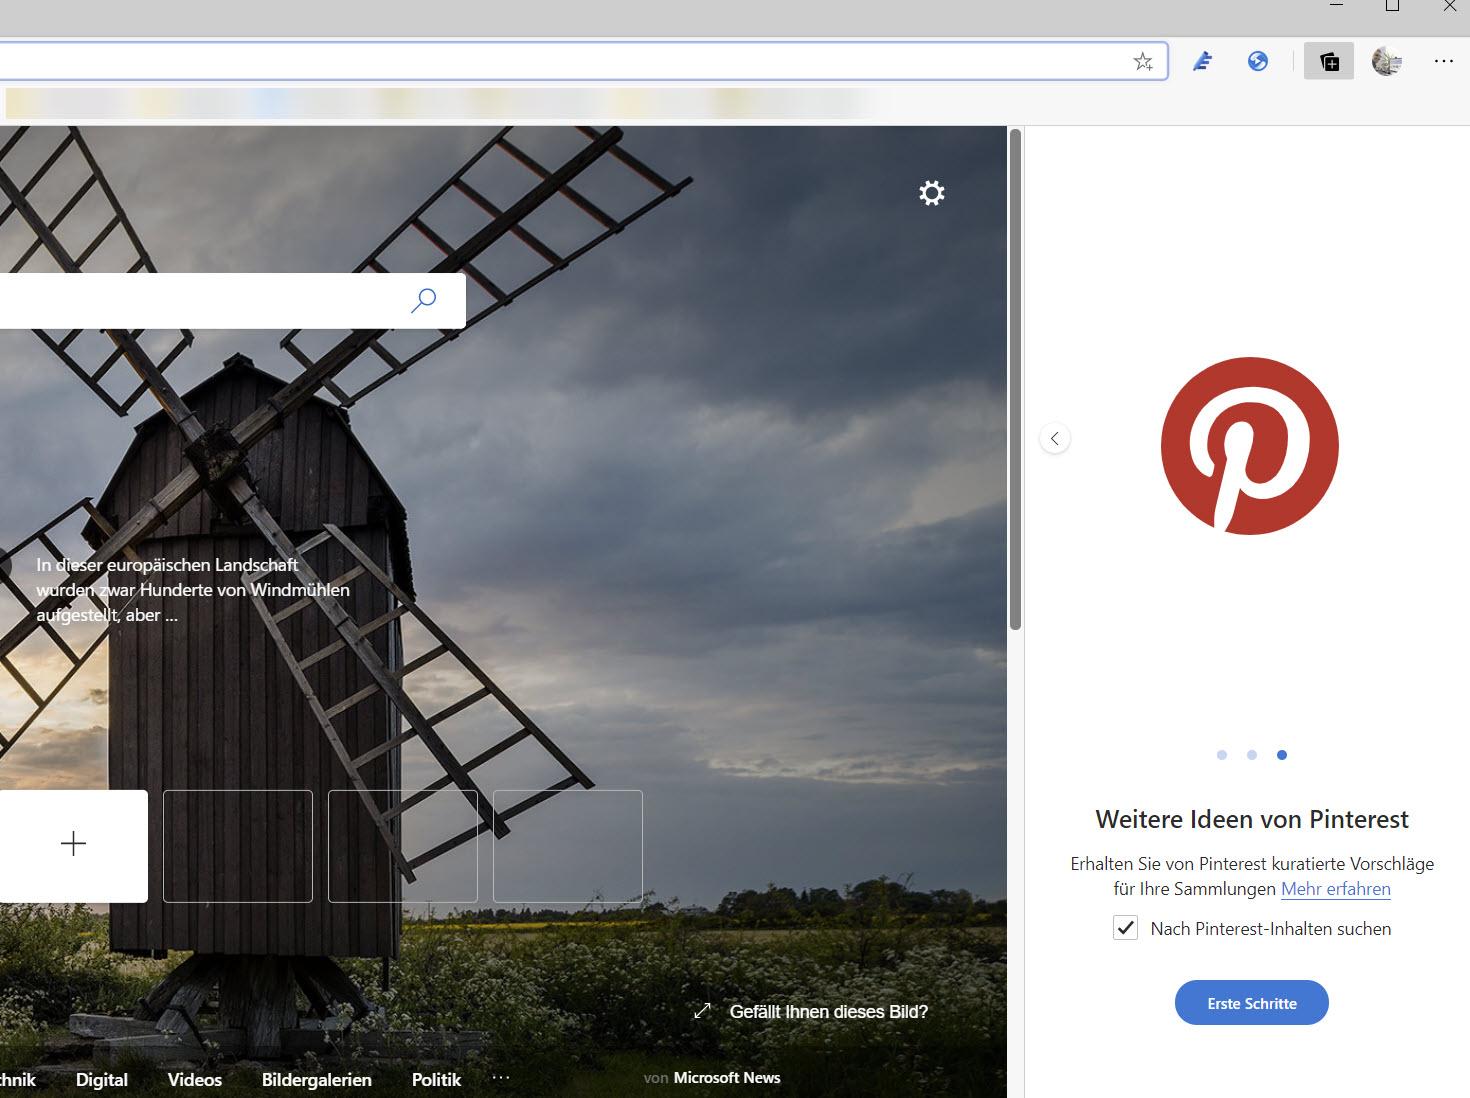 Aktivierung der Pinterest-Integration in Microsoft Edge